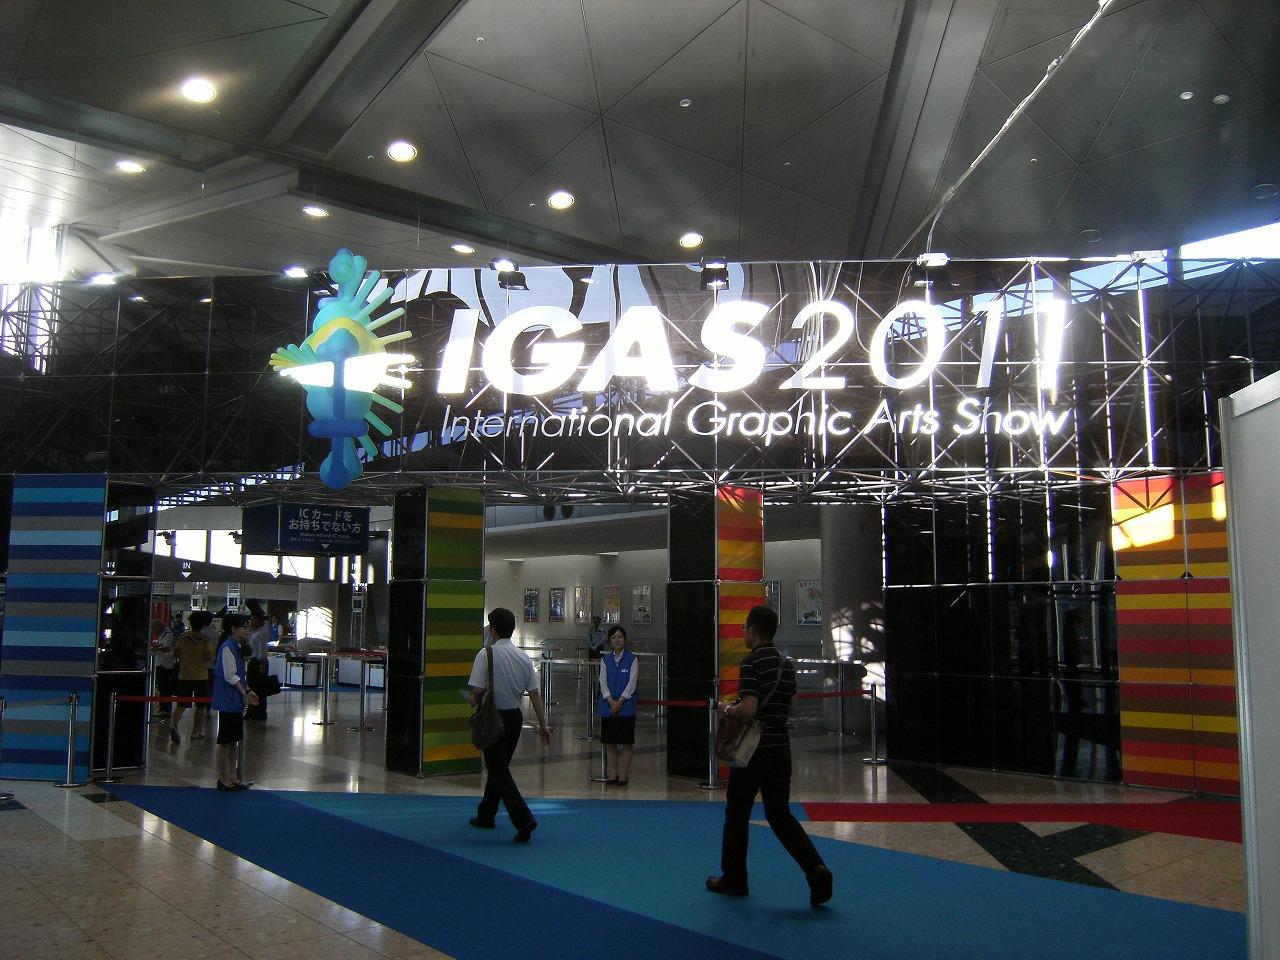 東京ビッグサイトで開催されていますIGAS2011に出展されていますK印刷様の御依頼でJWアクティブを短期レンタルをいたしました。今日の丸大に載っています。